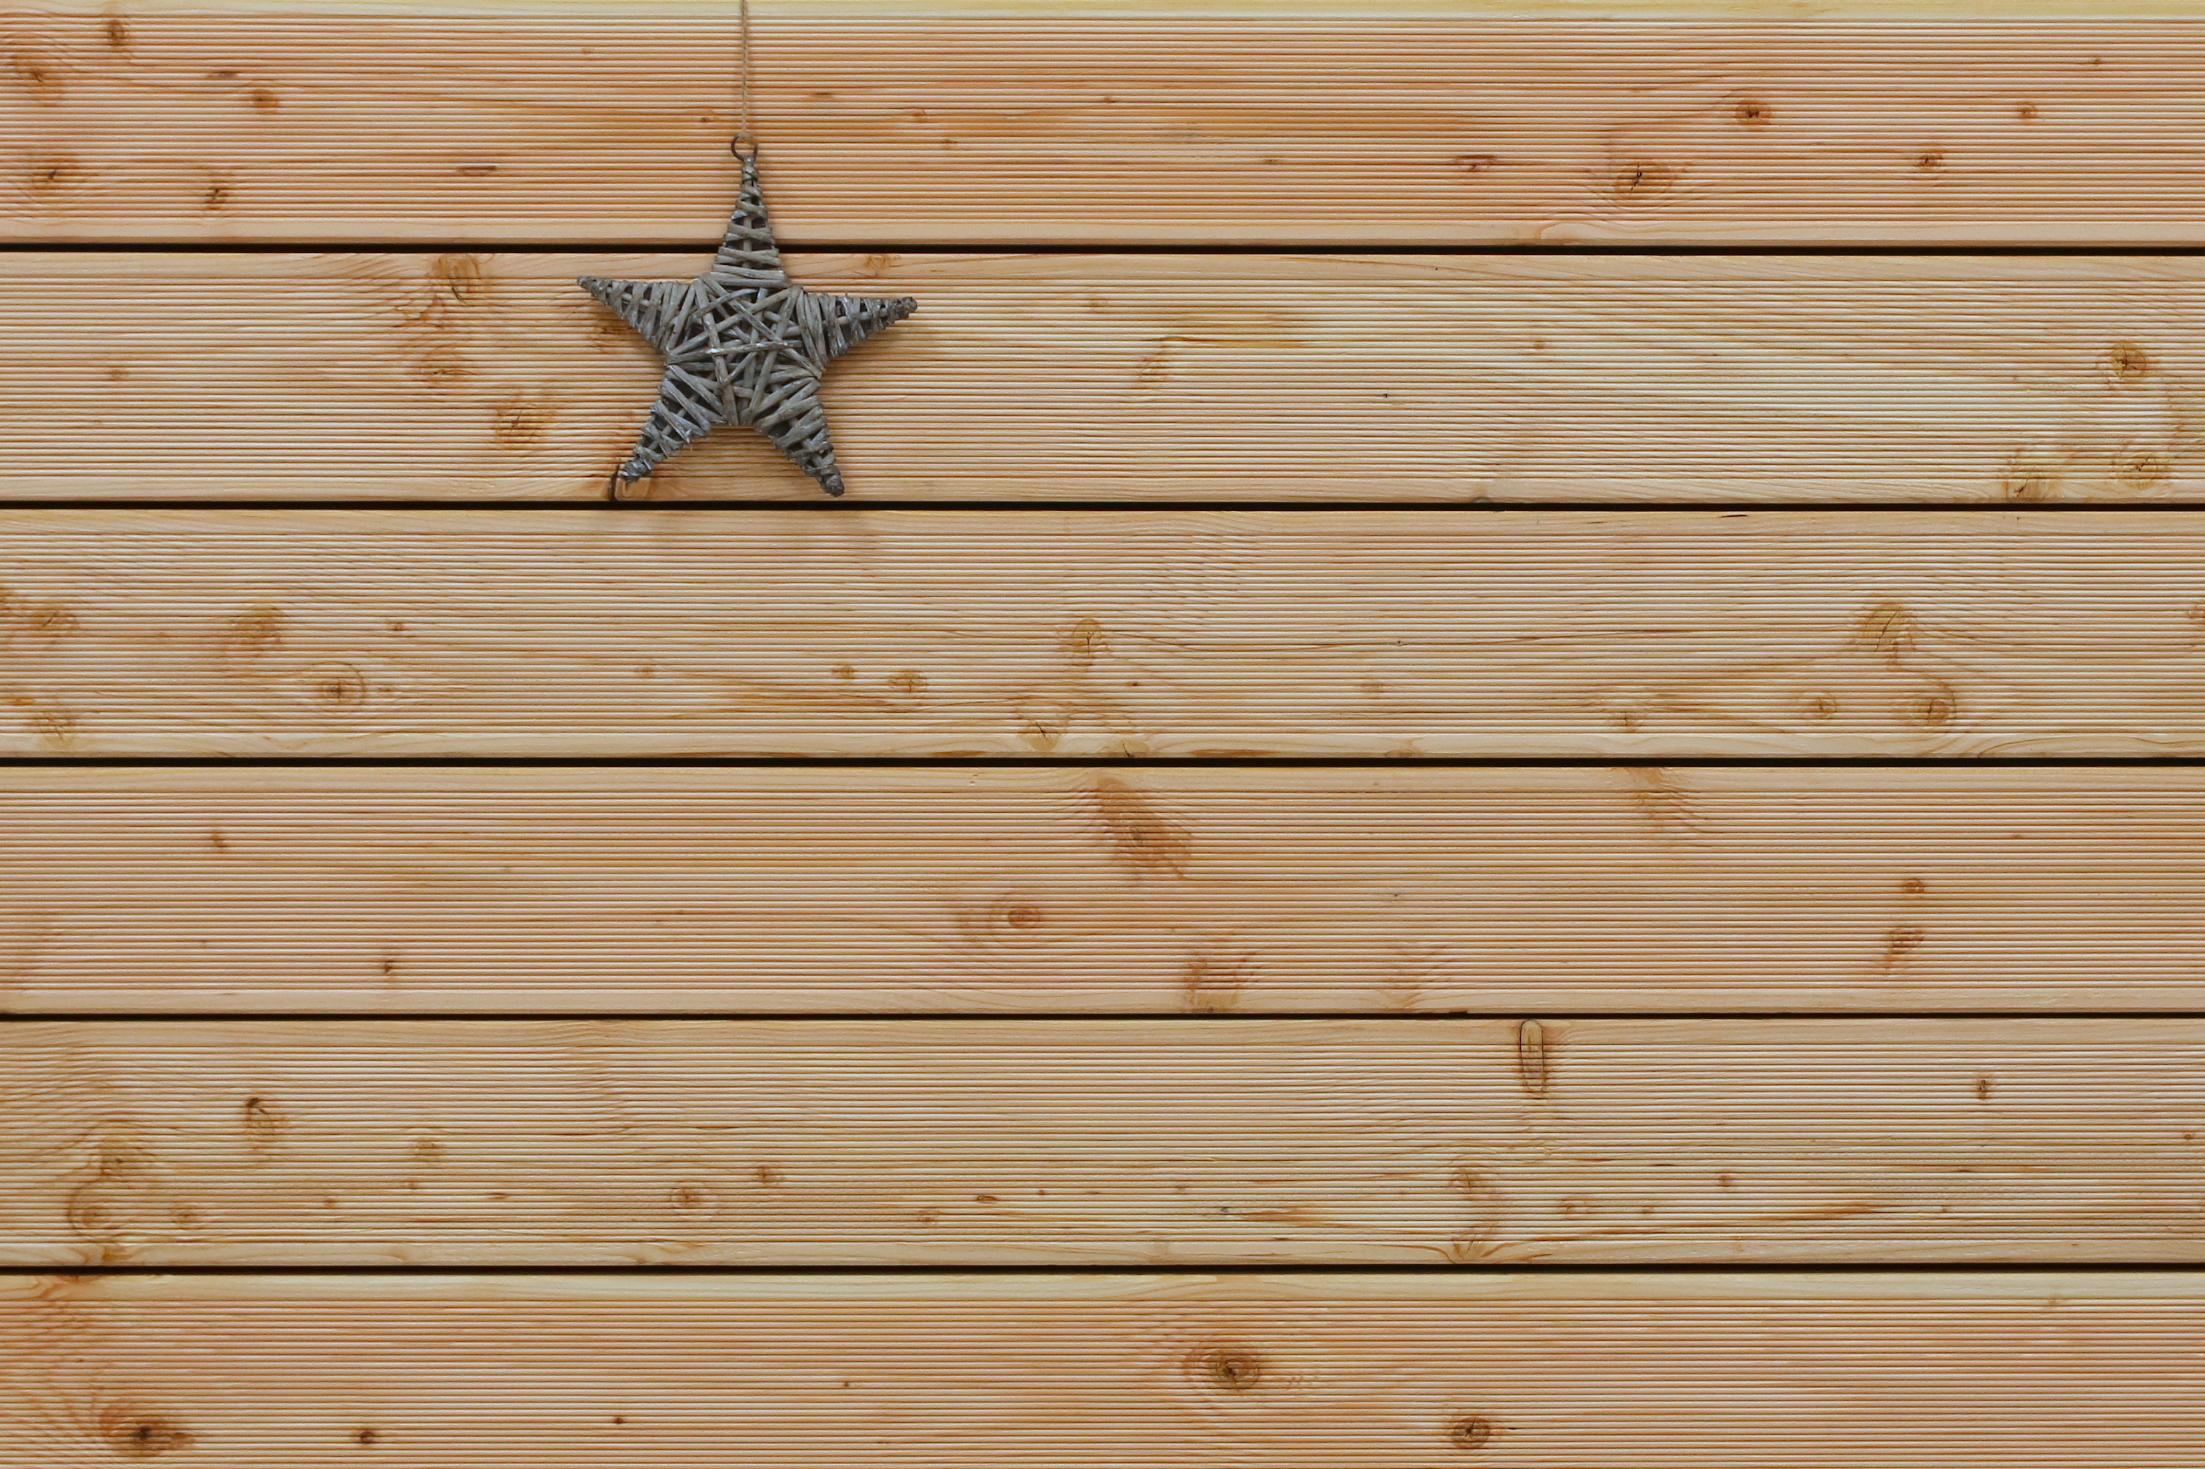 Douglasie Holz Dielen für die Terrasse, 5,40 €/lfm, fein gerillt, 40 x 143 bis 5000 mm, Terrassendielen Bretter